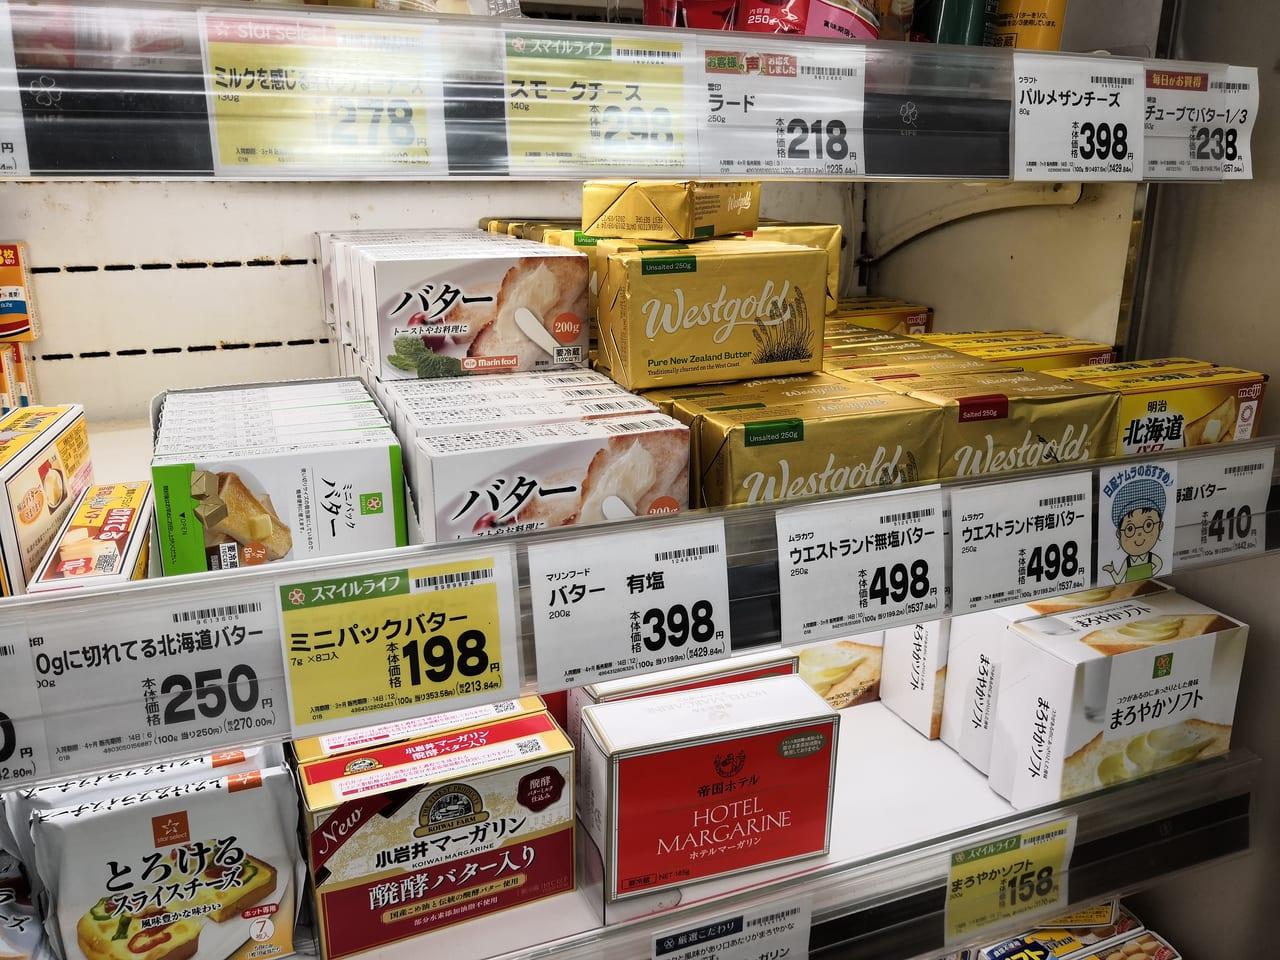 品薄 納豆 【2020年】納豆が売り切れ・品薄なのは新型コロナウイルスが原因?効果や免疫力アップについても